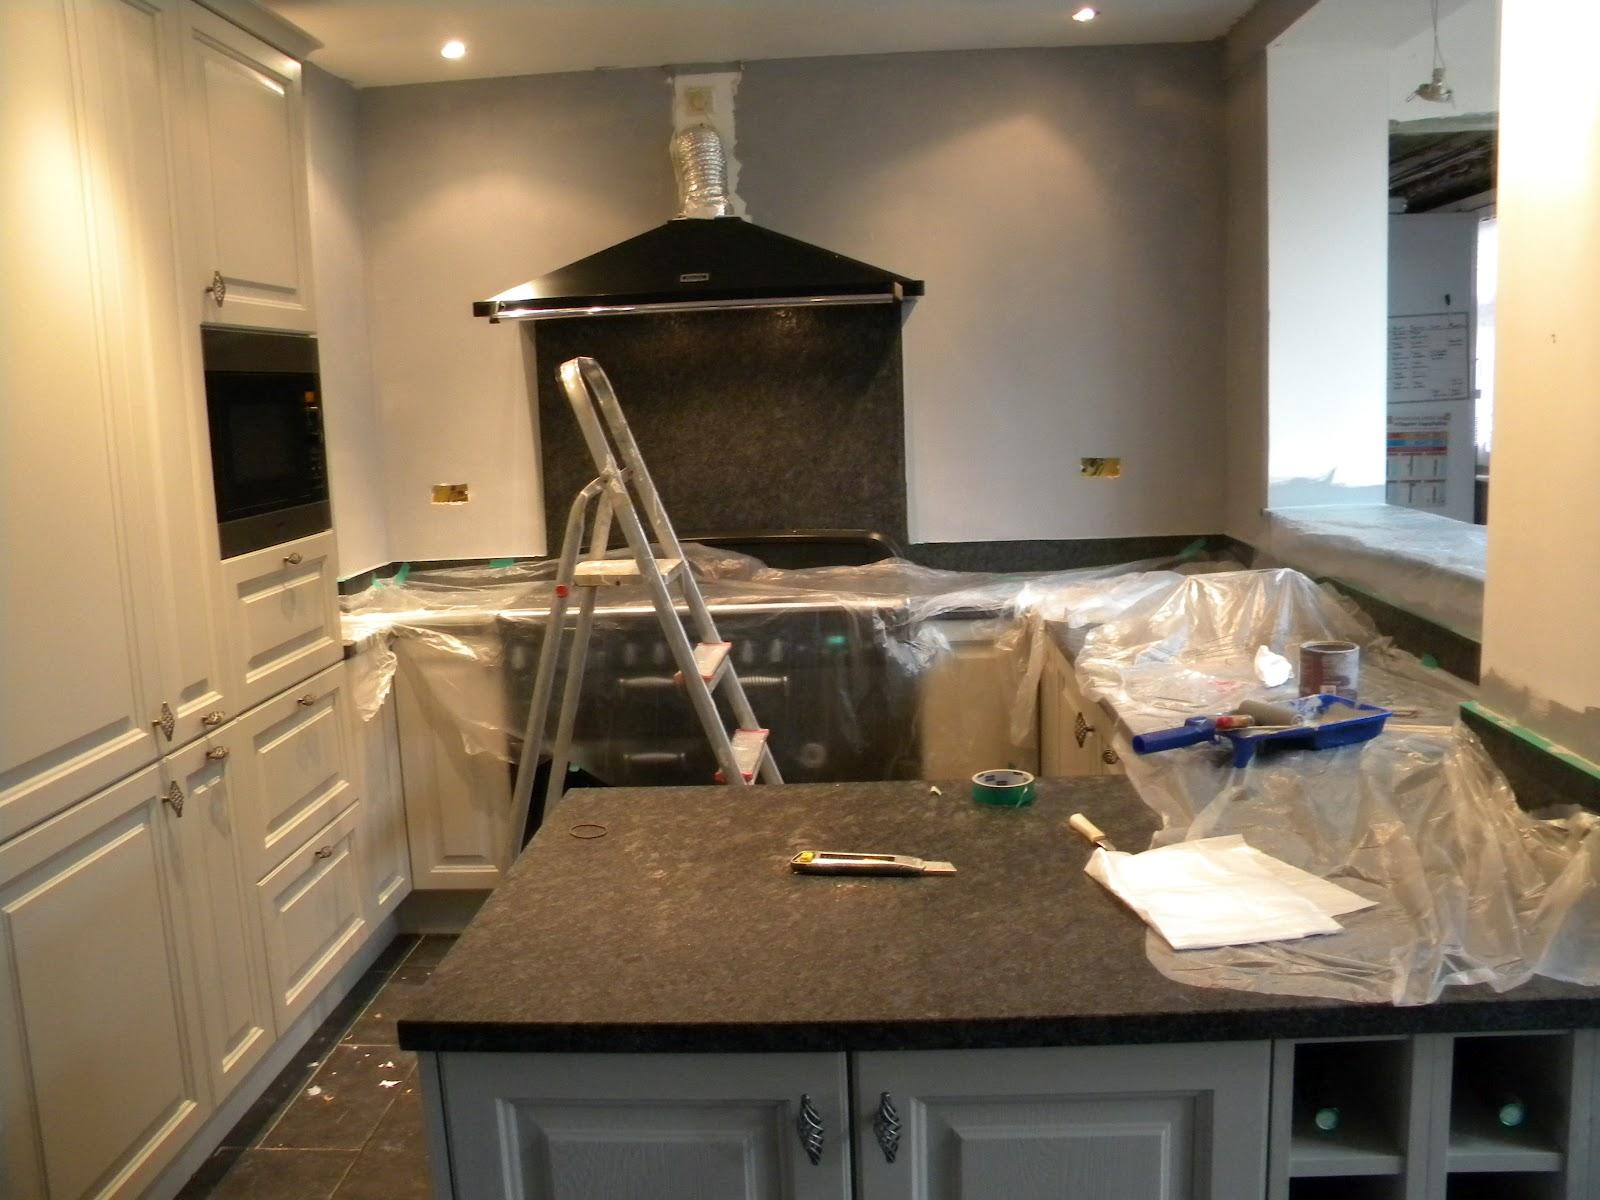 Bizzy martine afgelopen dagen - Keukenmuren schilderen ...